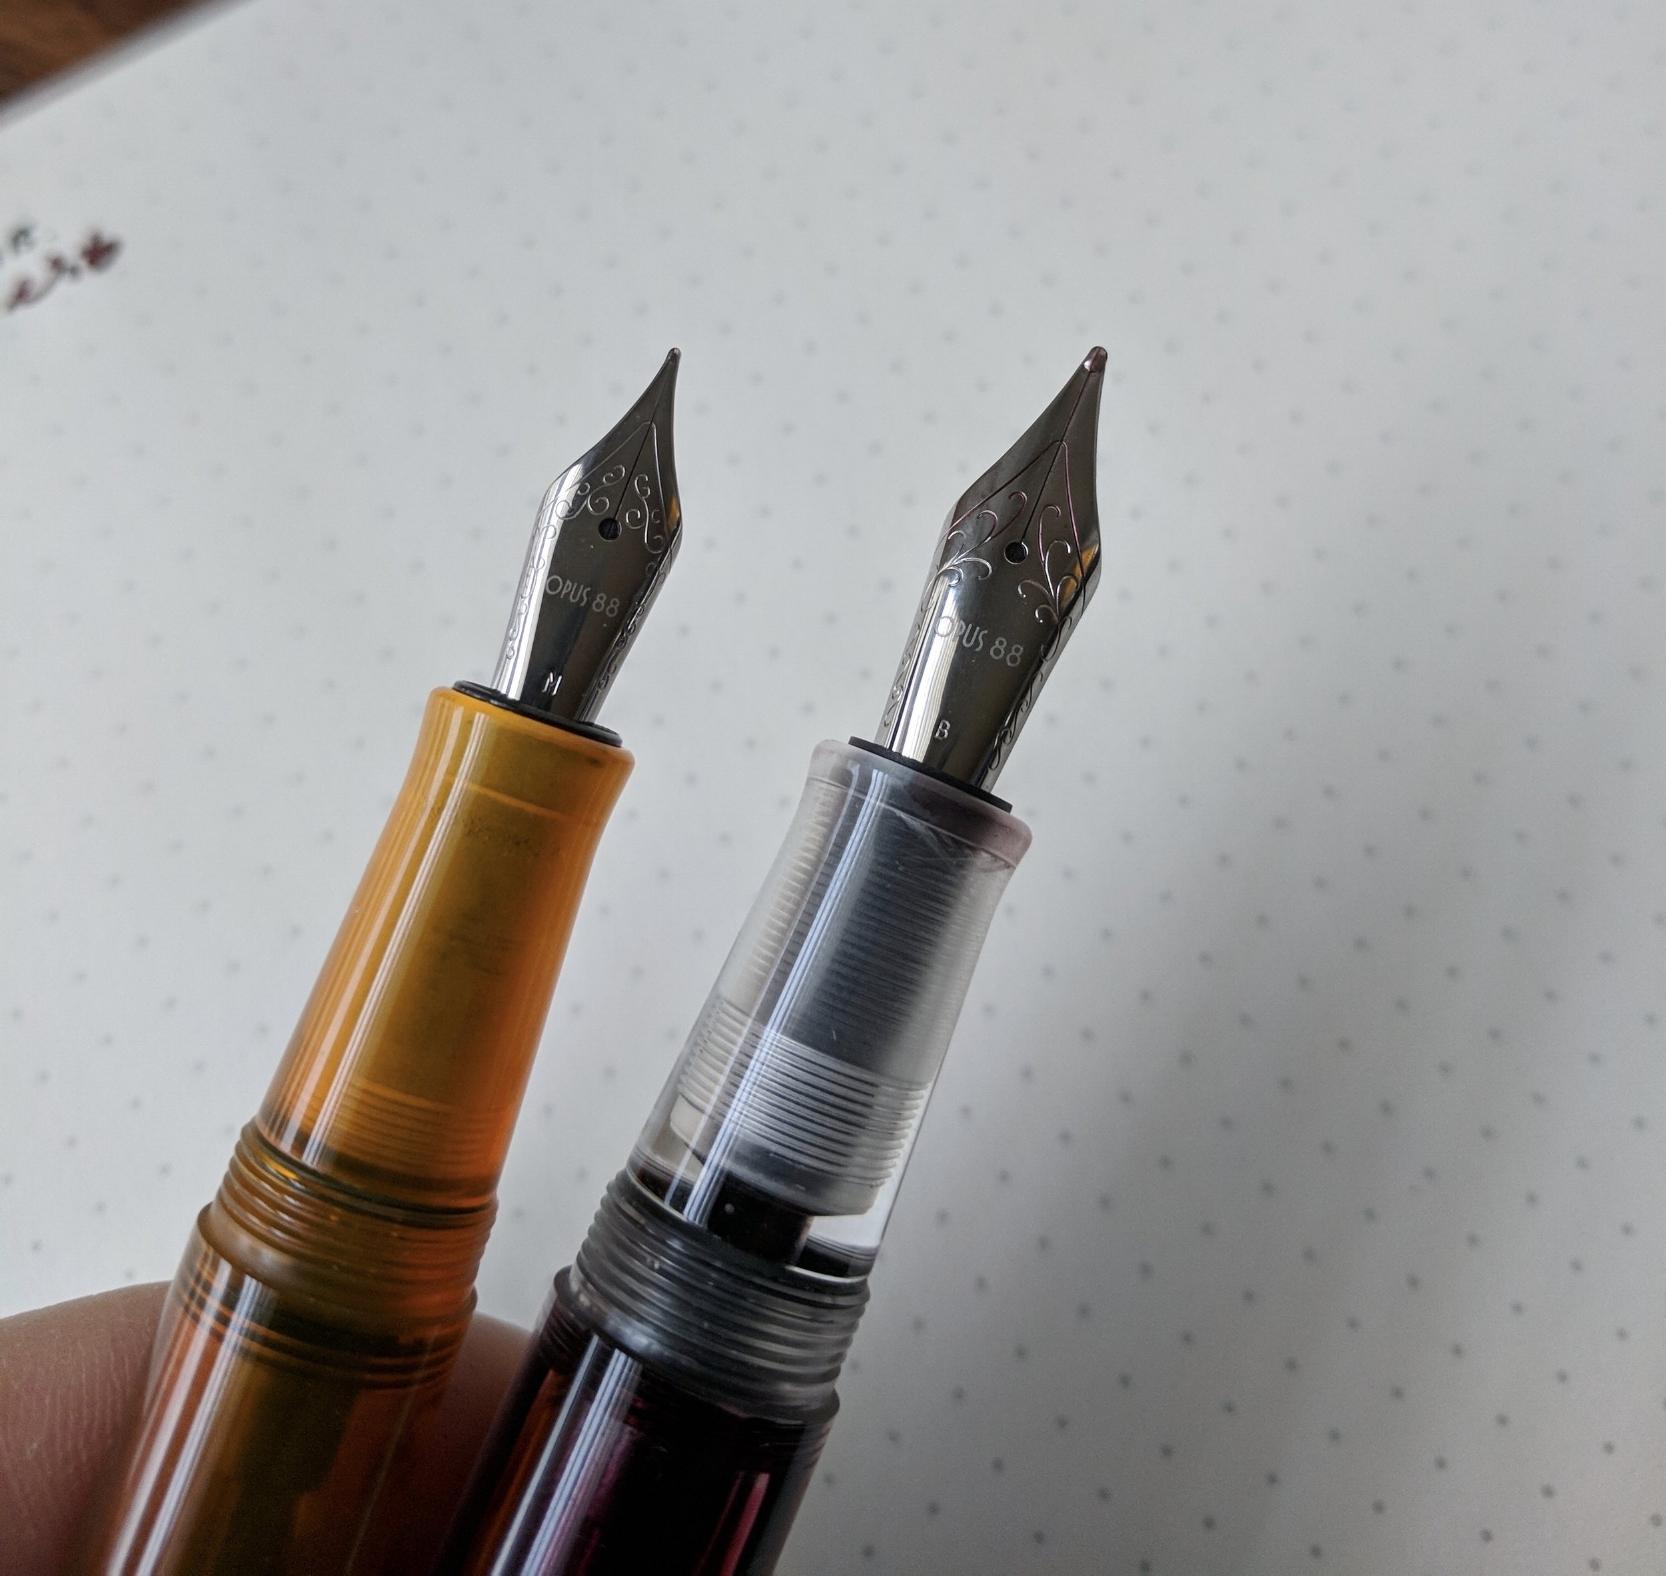 Nib size comparison: JoWo No. 5 (left) vs. No. 6 (right)